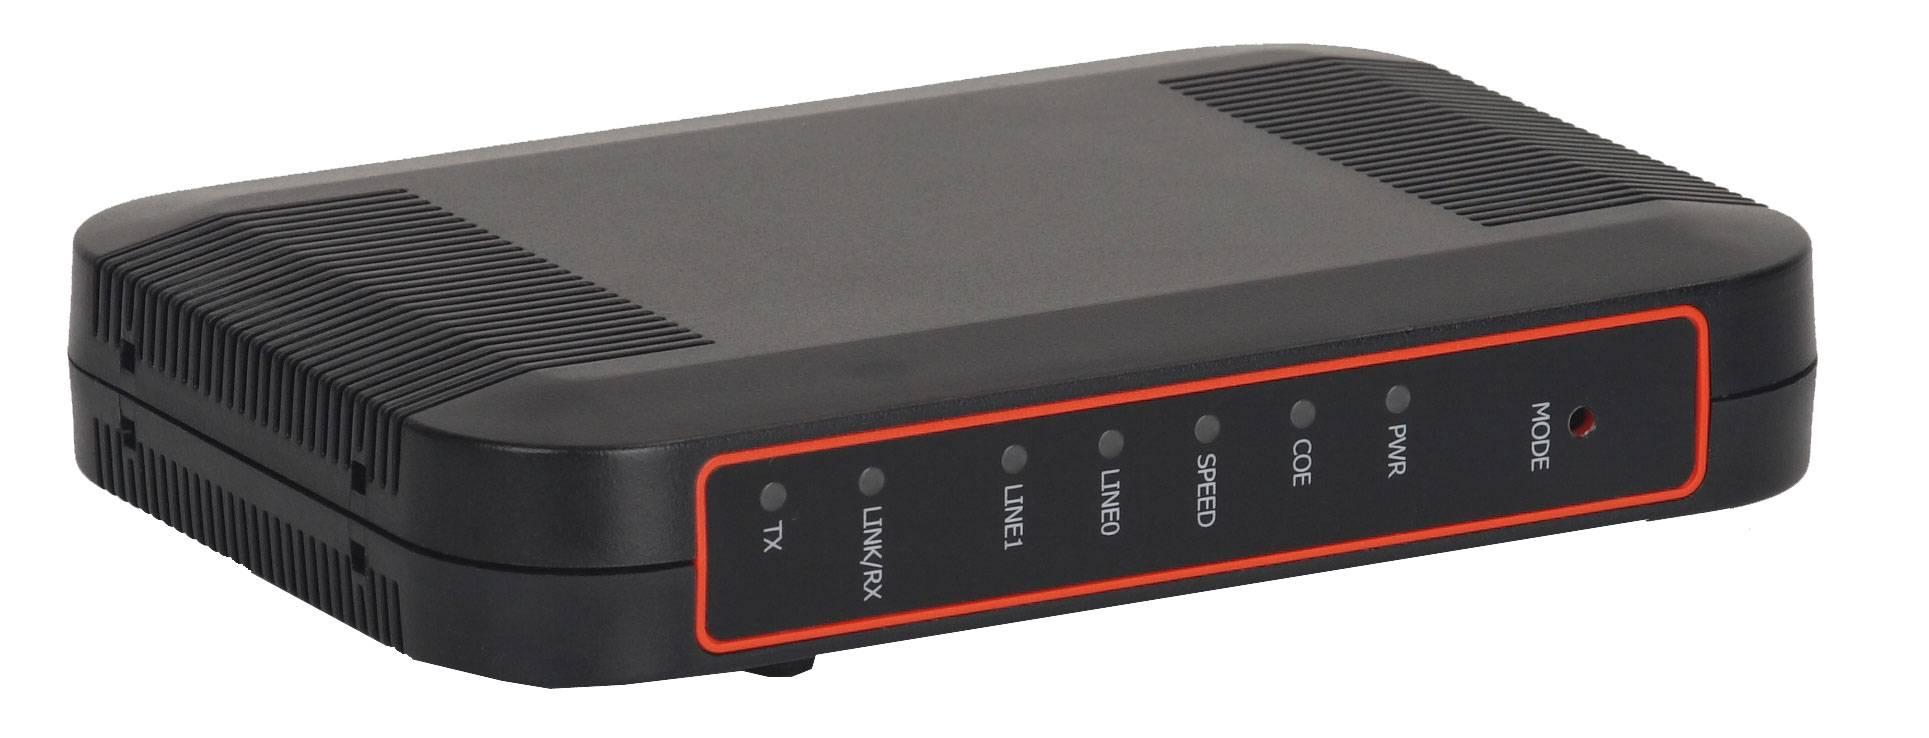 N50 SHDSL Modem